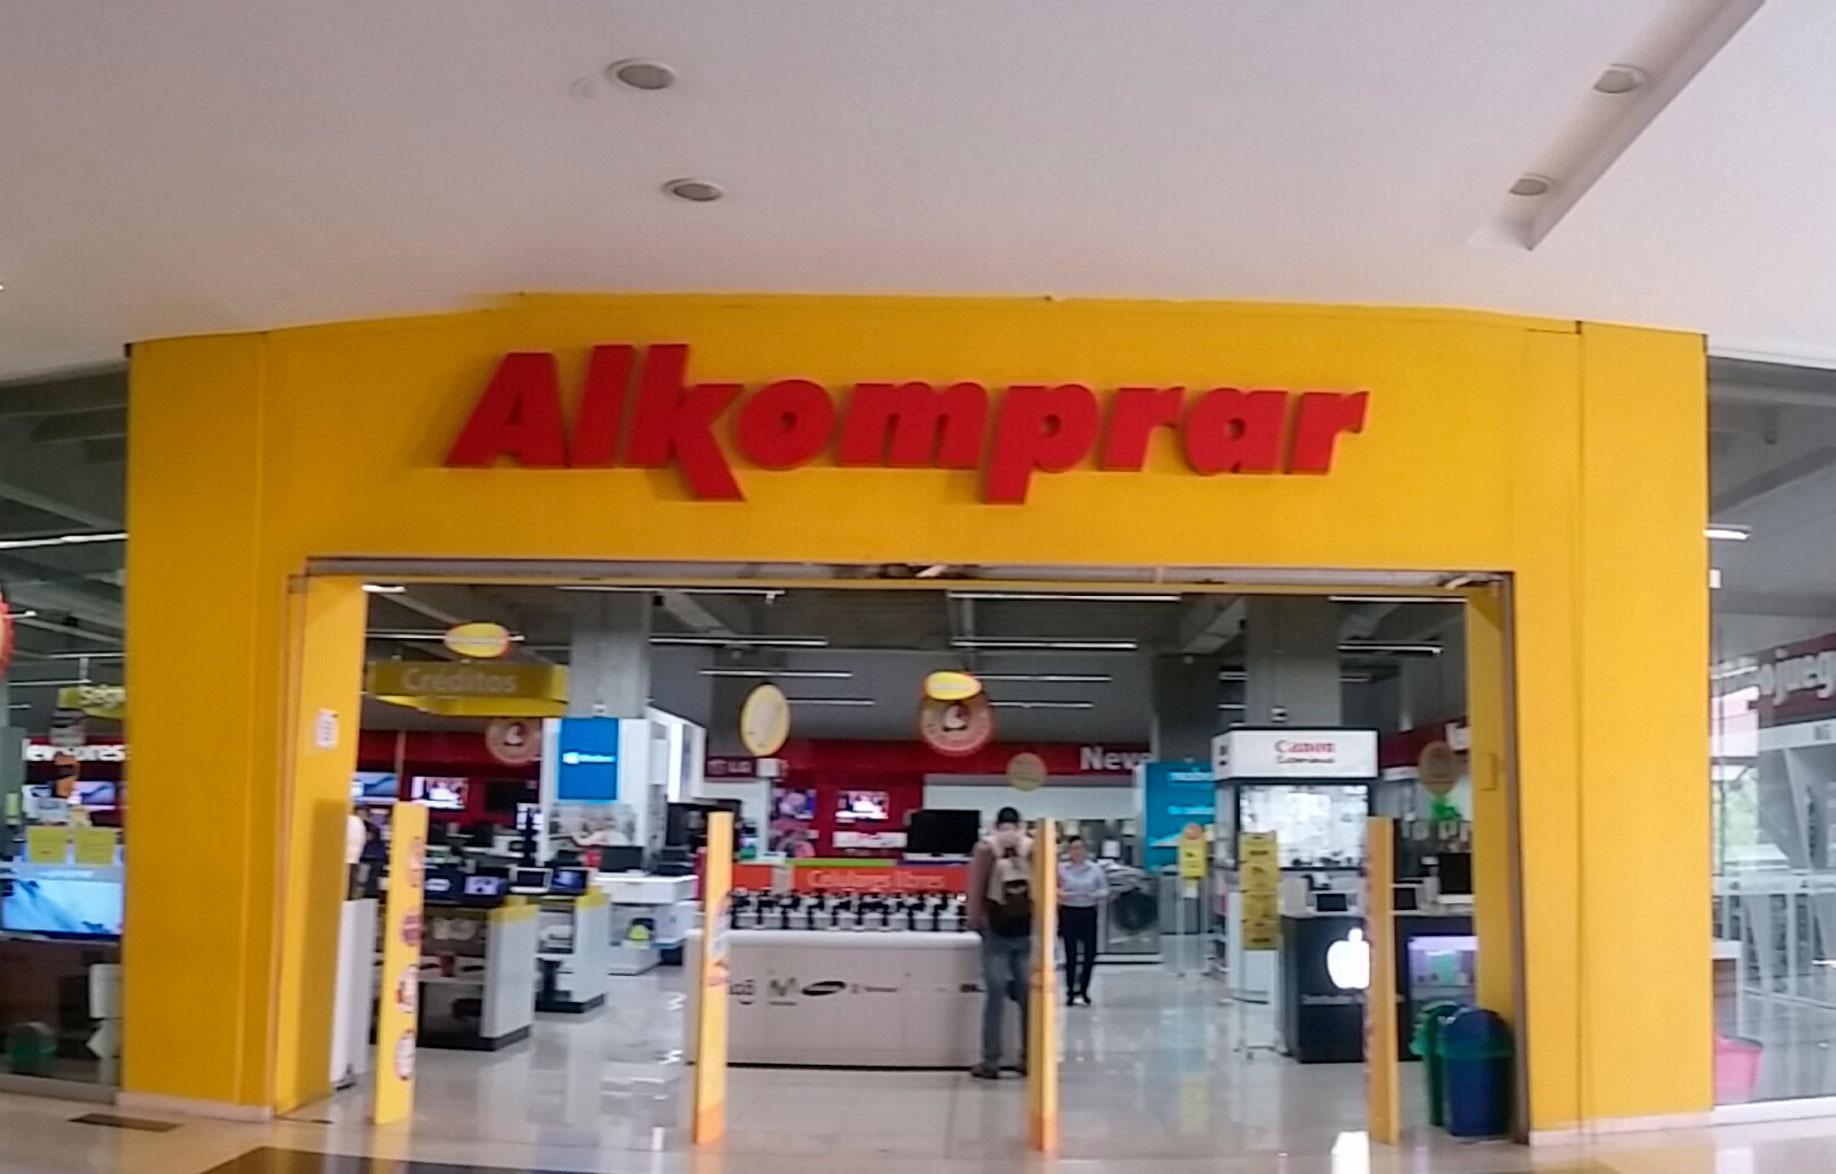 Nuestras Tiendas Alkomprar Com # Direccion Muebles Caqueta Ibague